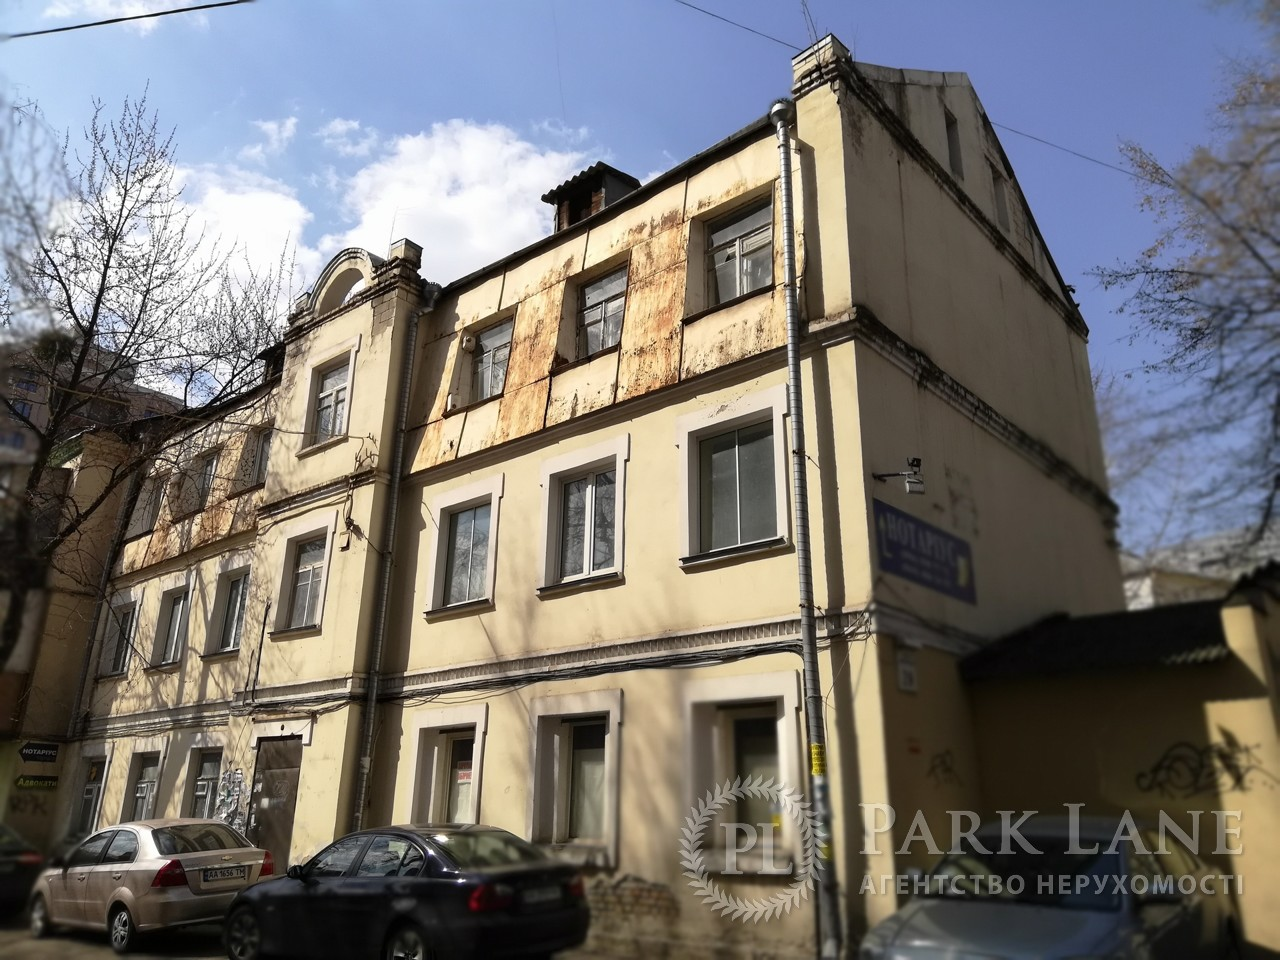 Нежилое помещение, ул. Дмитриевская, Киев, K-27702 - Фото 1